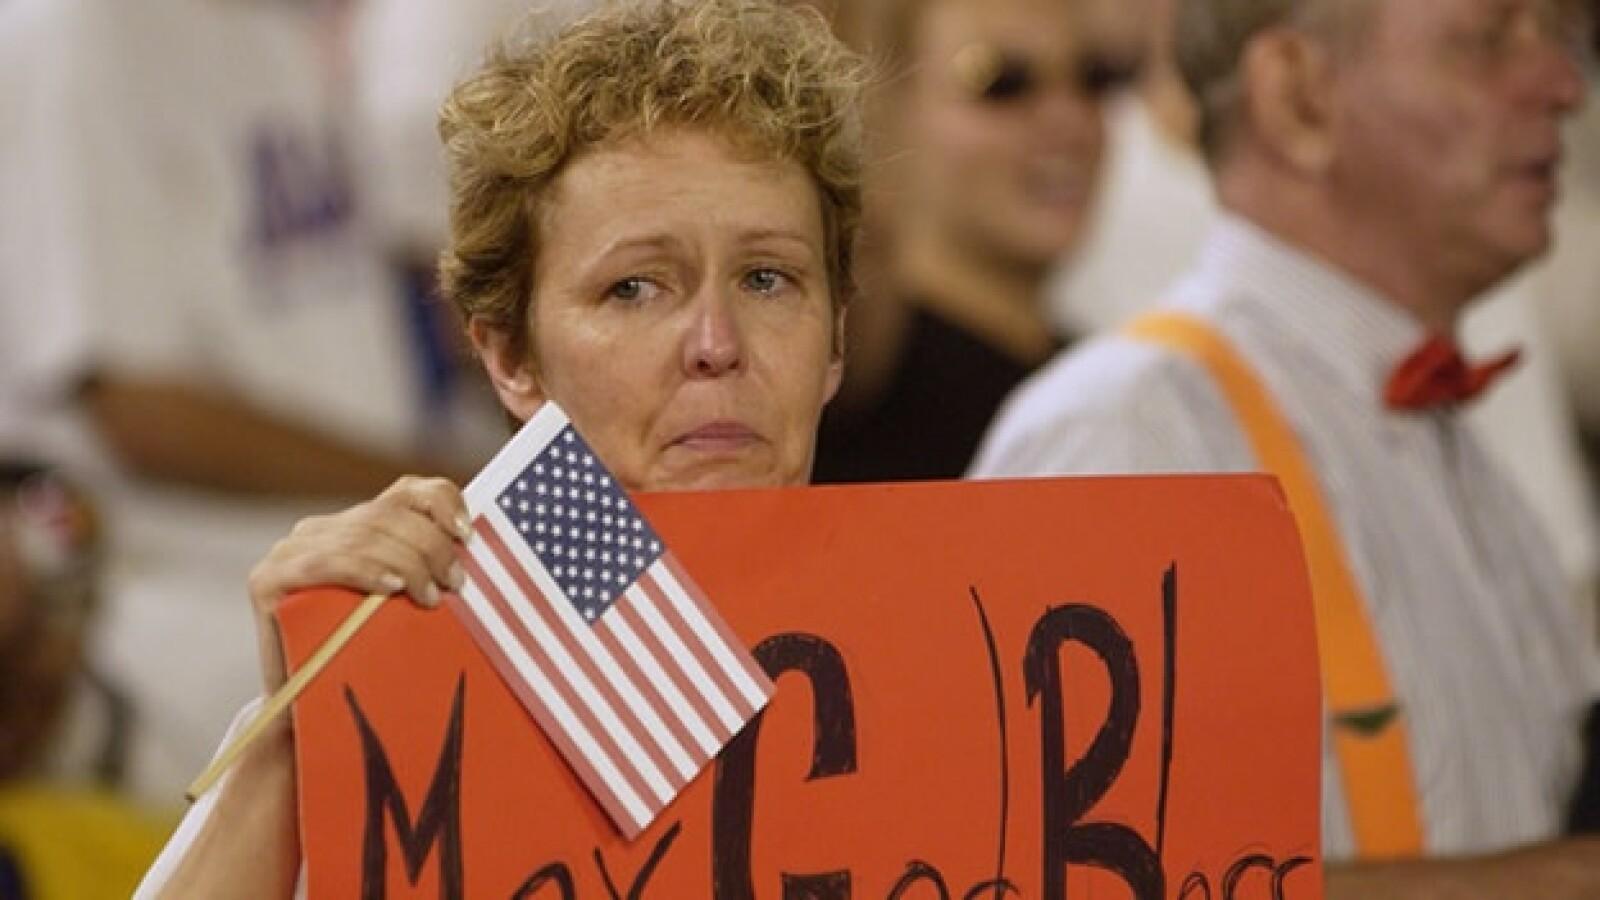 El poder curativo de los deportes después del 11-S